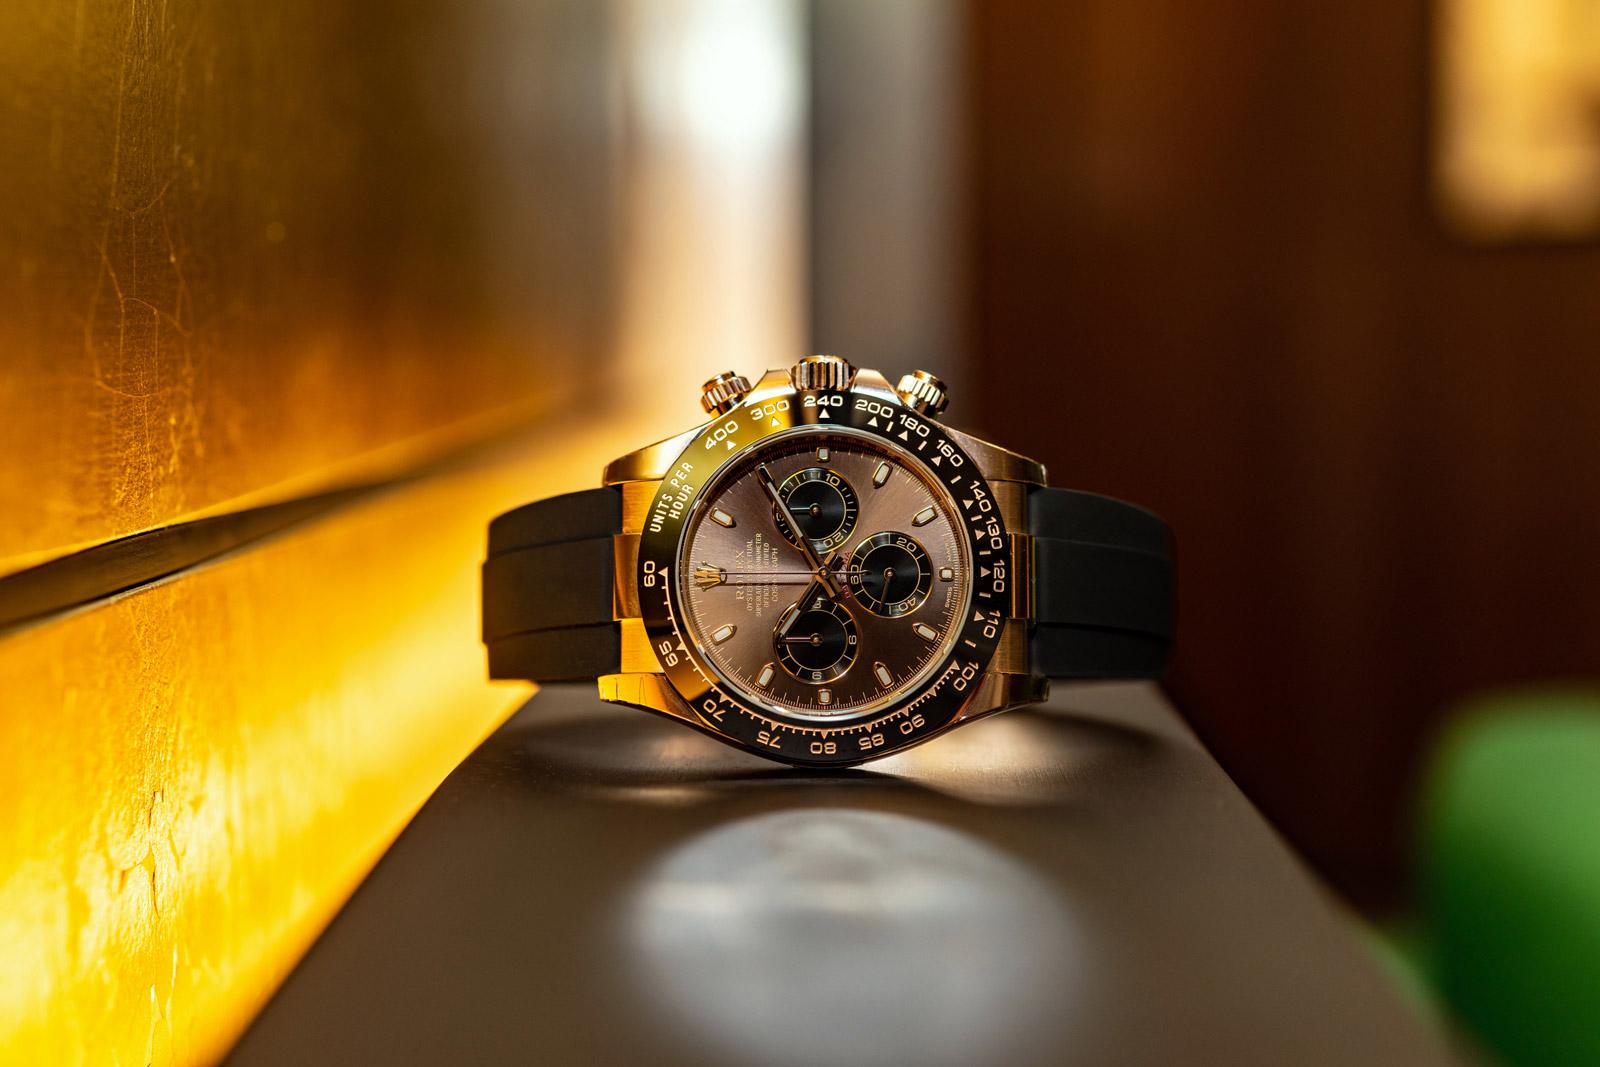 Rolex Cosmograph Daytona <br> Referencia 116515LN